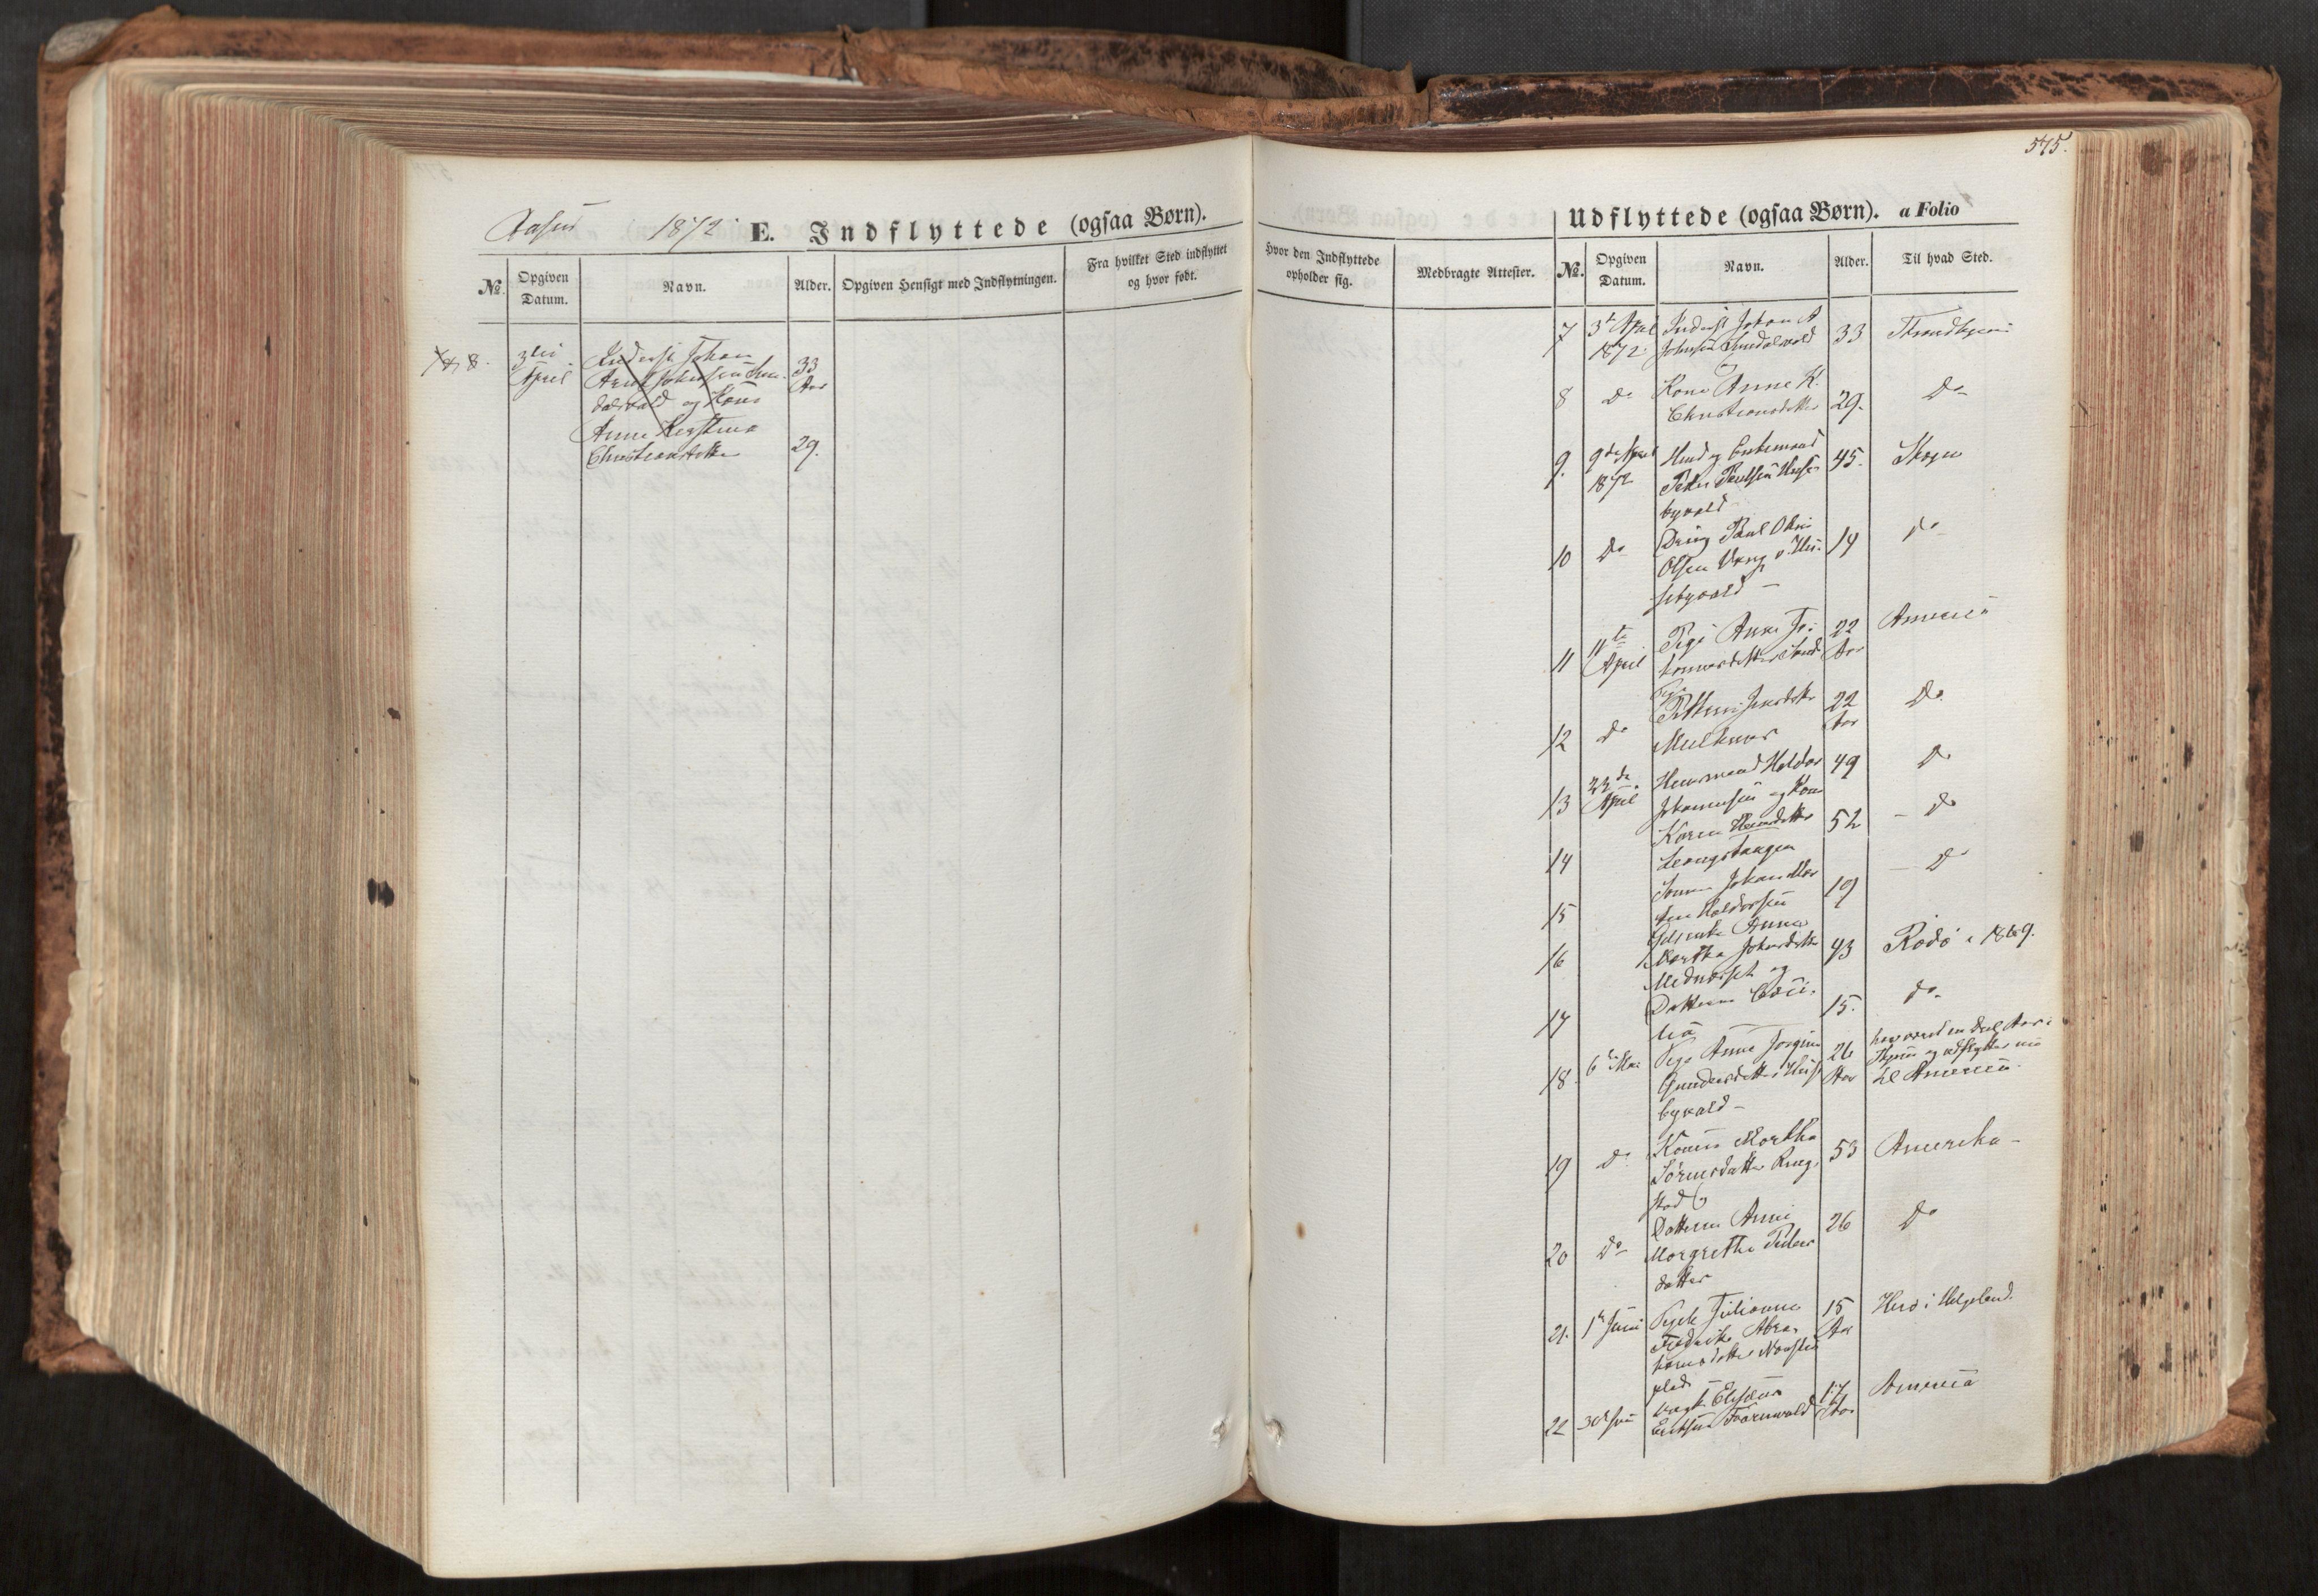 SAT, Ministerialprotokoller, klokkerbøker og fødselsregistre - Nord-Trøndelag, 713/L0116: Ministerialbok nr. 713A07, 1850-1877, s. 575